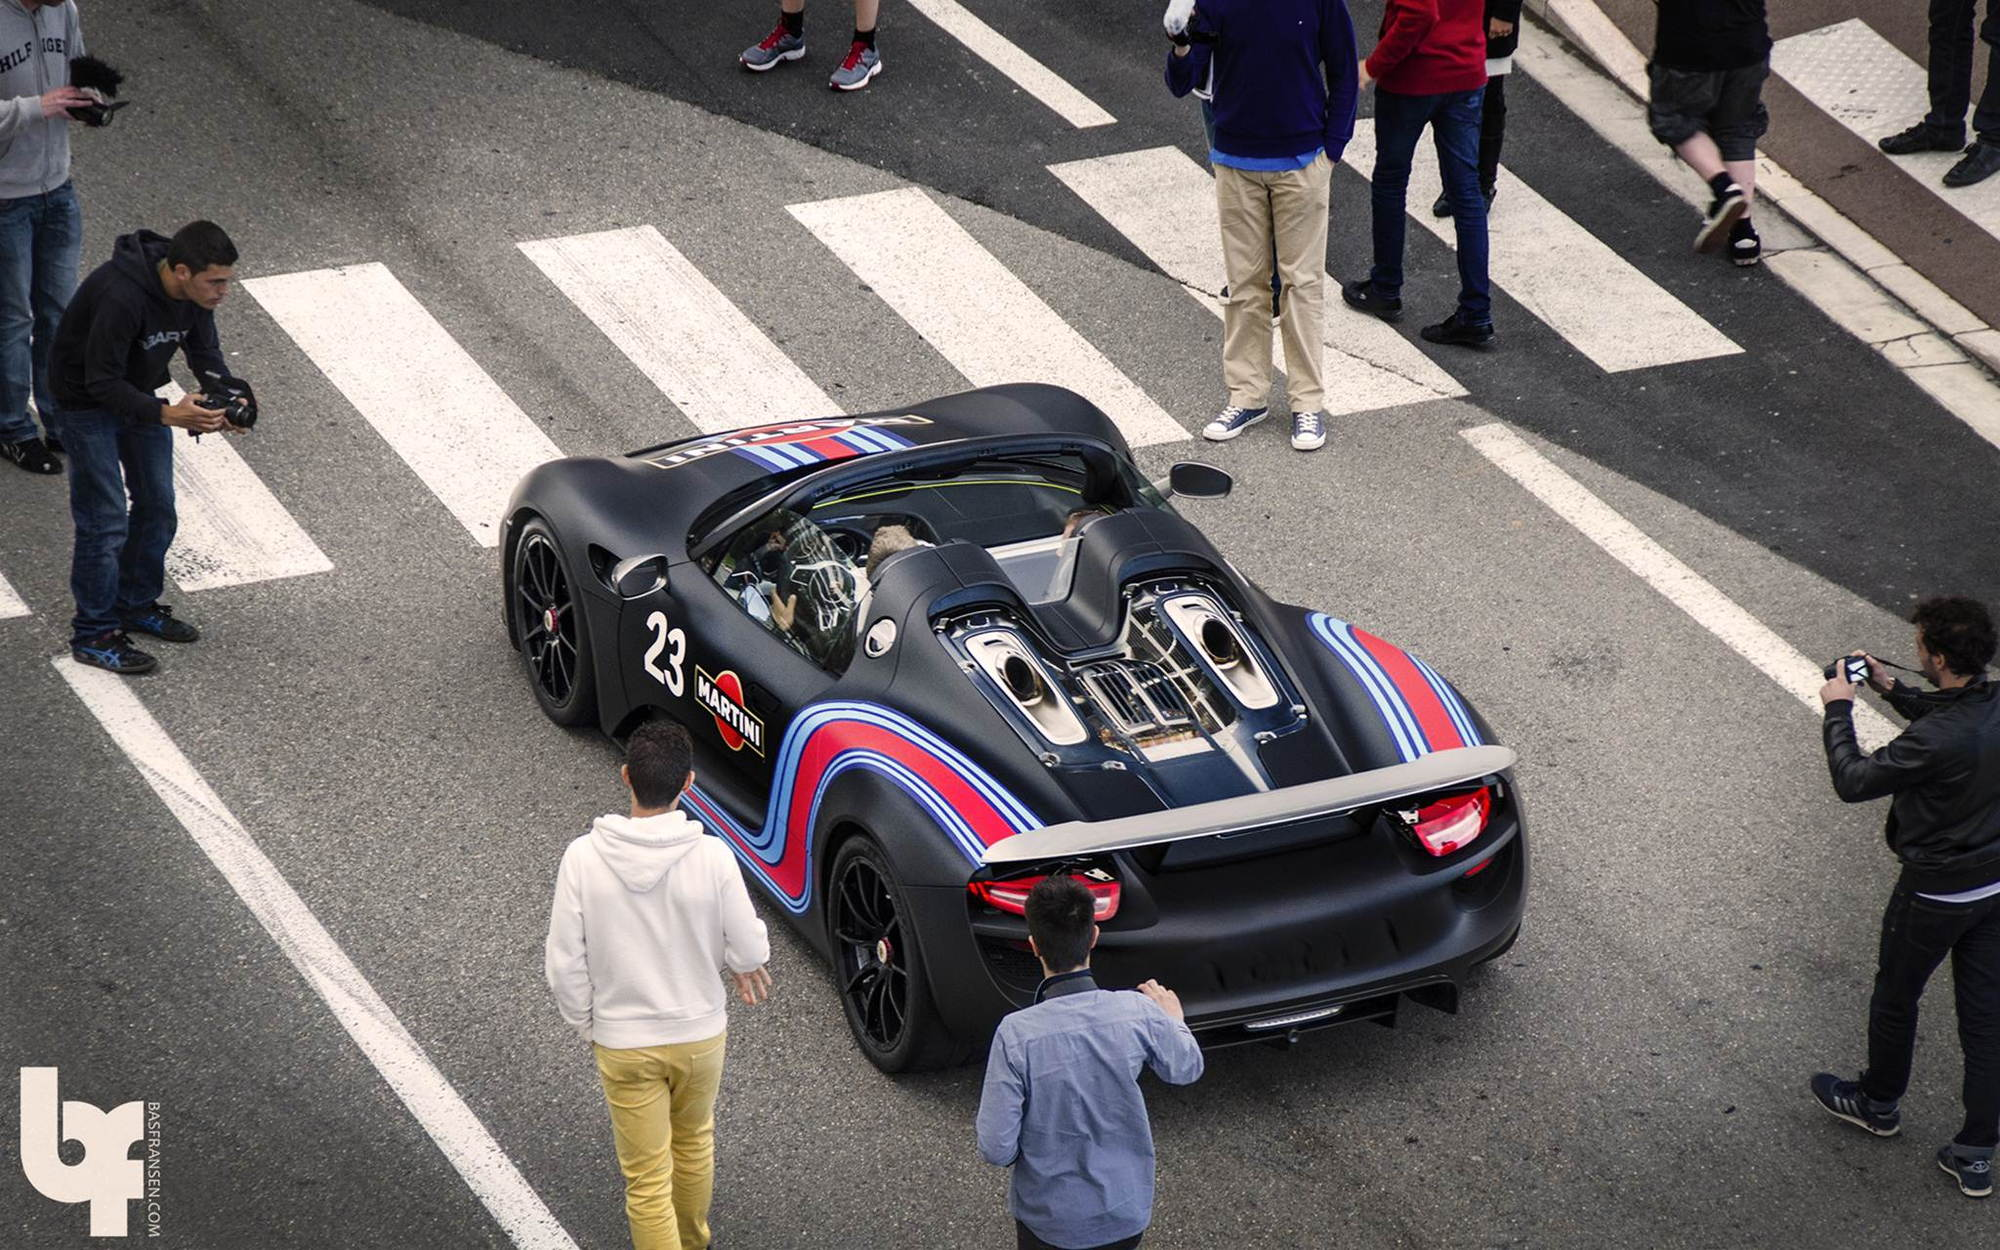 80-5_918_spyder_martini_bas_fransen_c882940d270faef2094c40ea8250c9b1f3d9ff1c Cozy Lamborghini Countach 25th Anniversary Fiche Technique Cars Trend